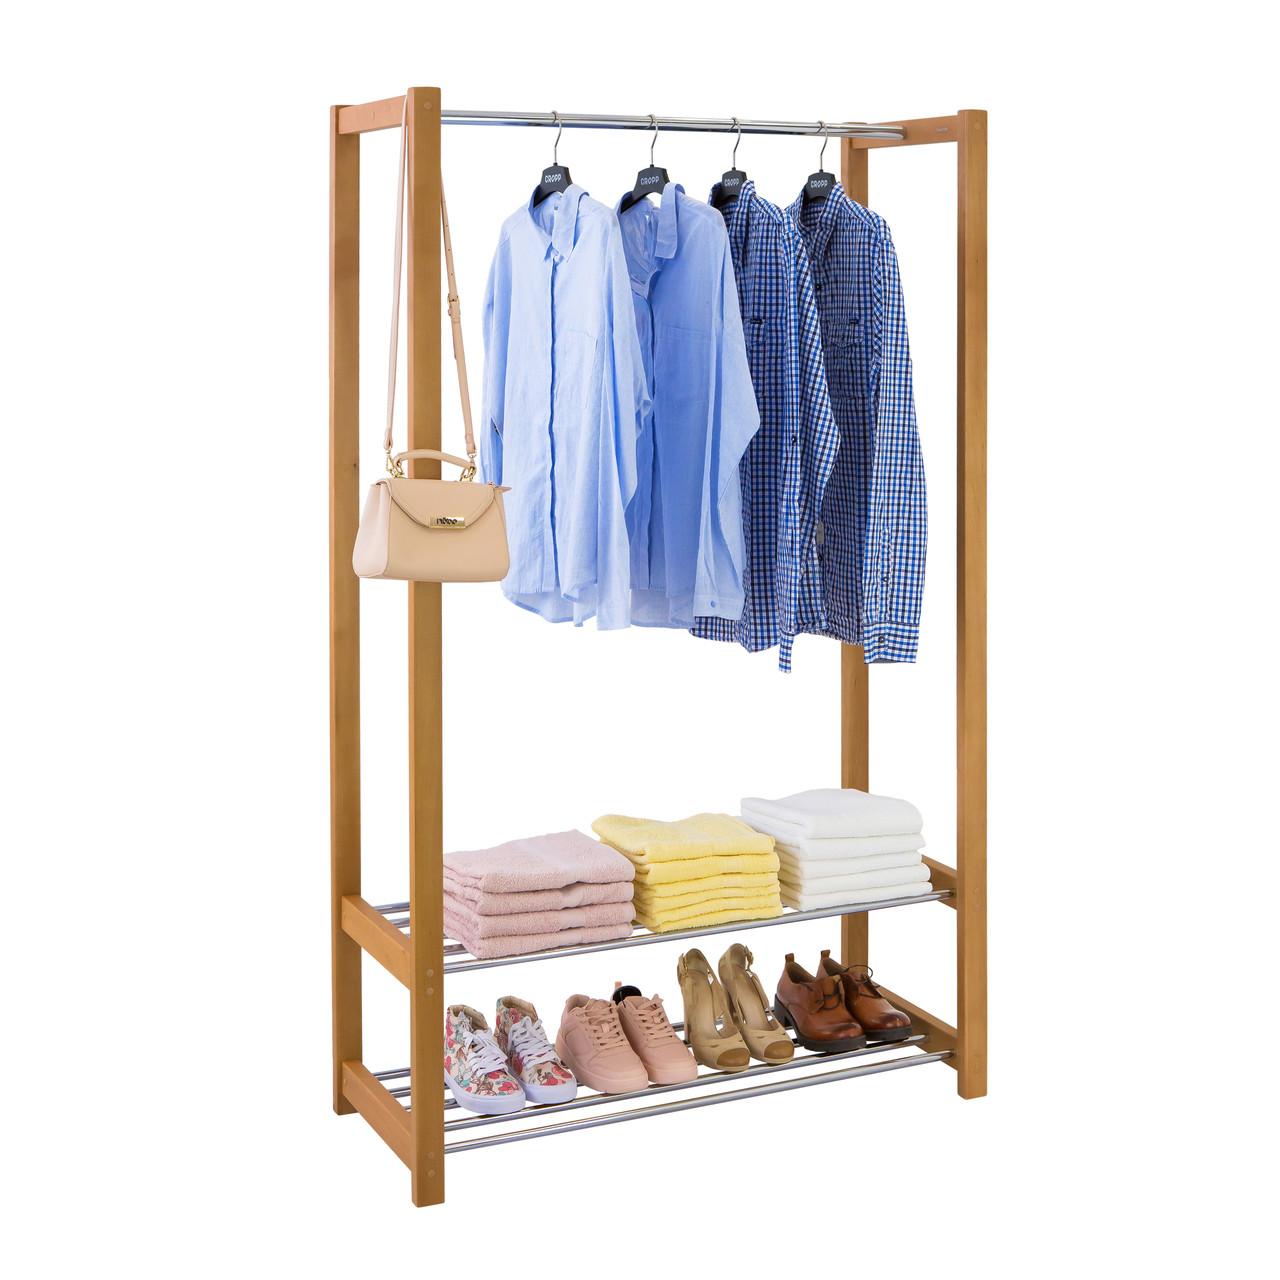 напольная вешалка для одежды люкс деревянная Biglua